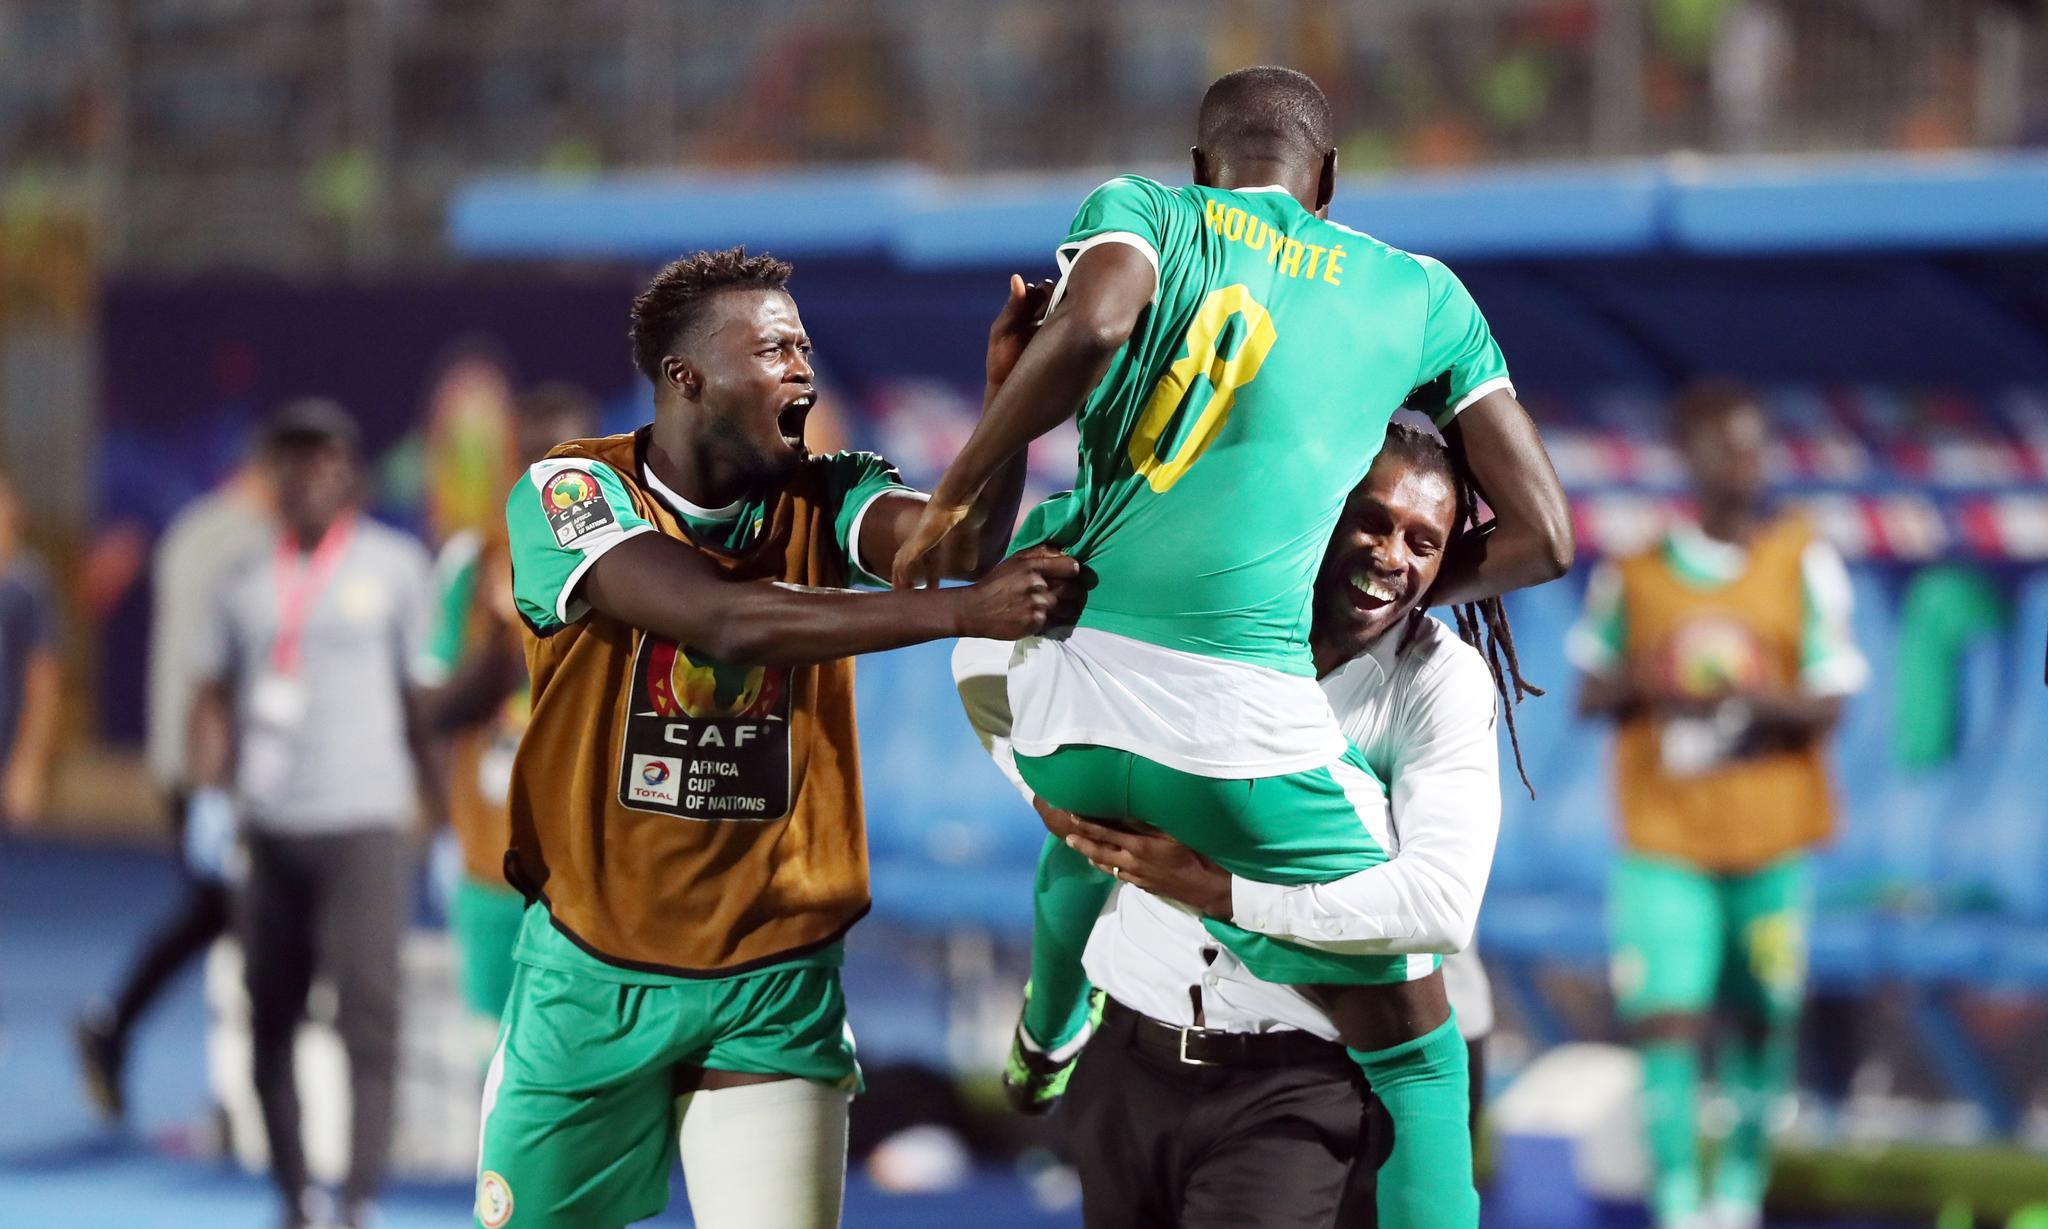 足球——非洲杯半决赛:塞内加尔胜突尼斯晋级决赛